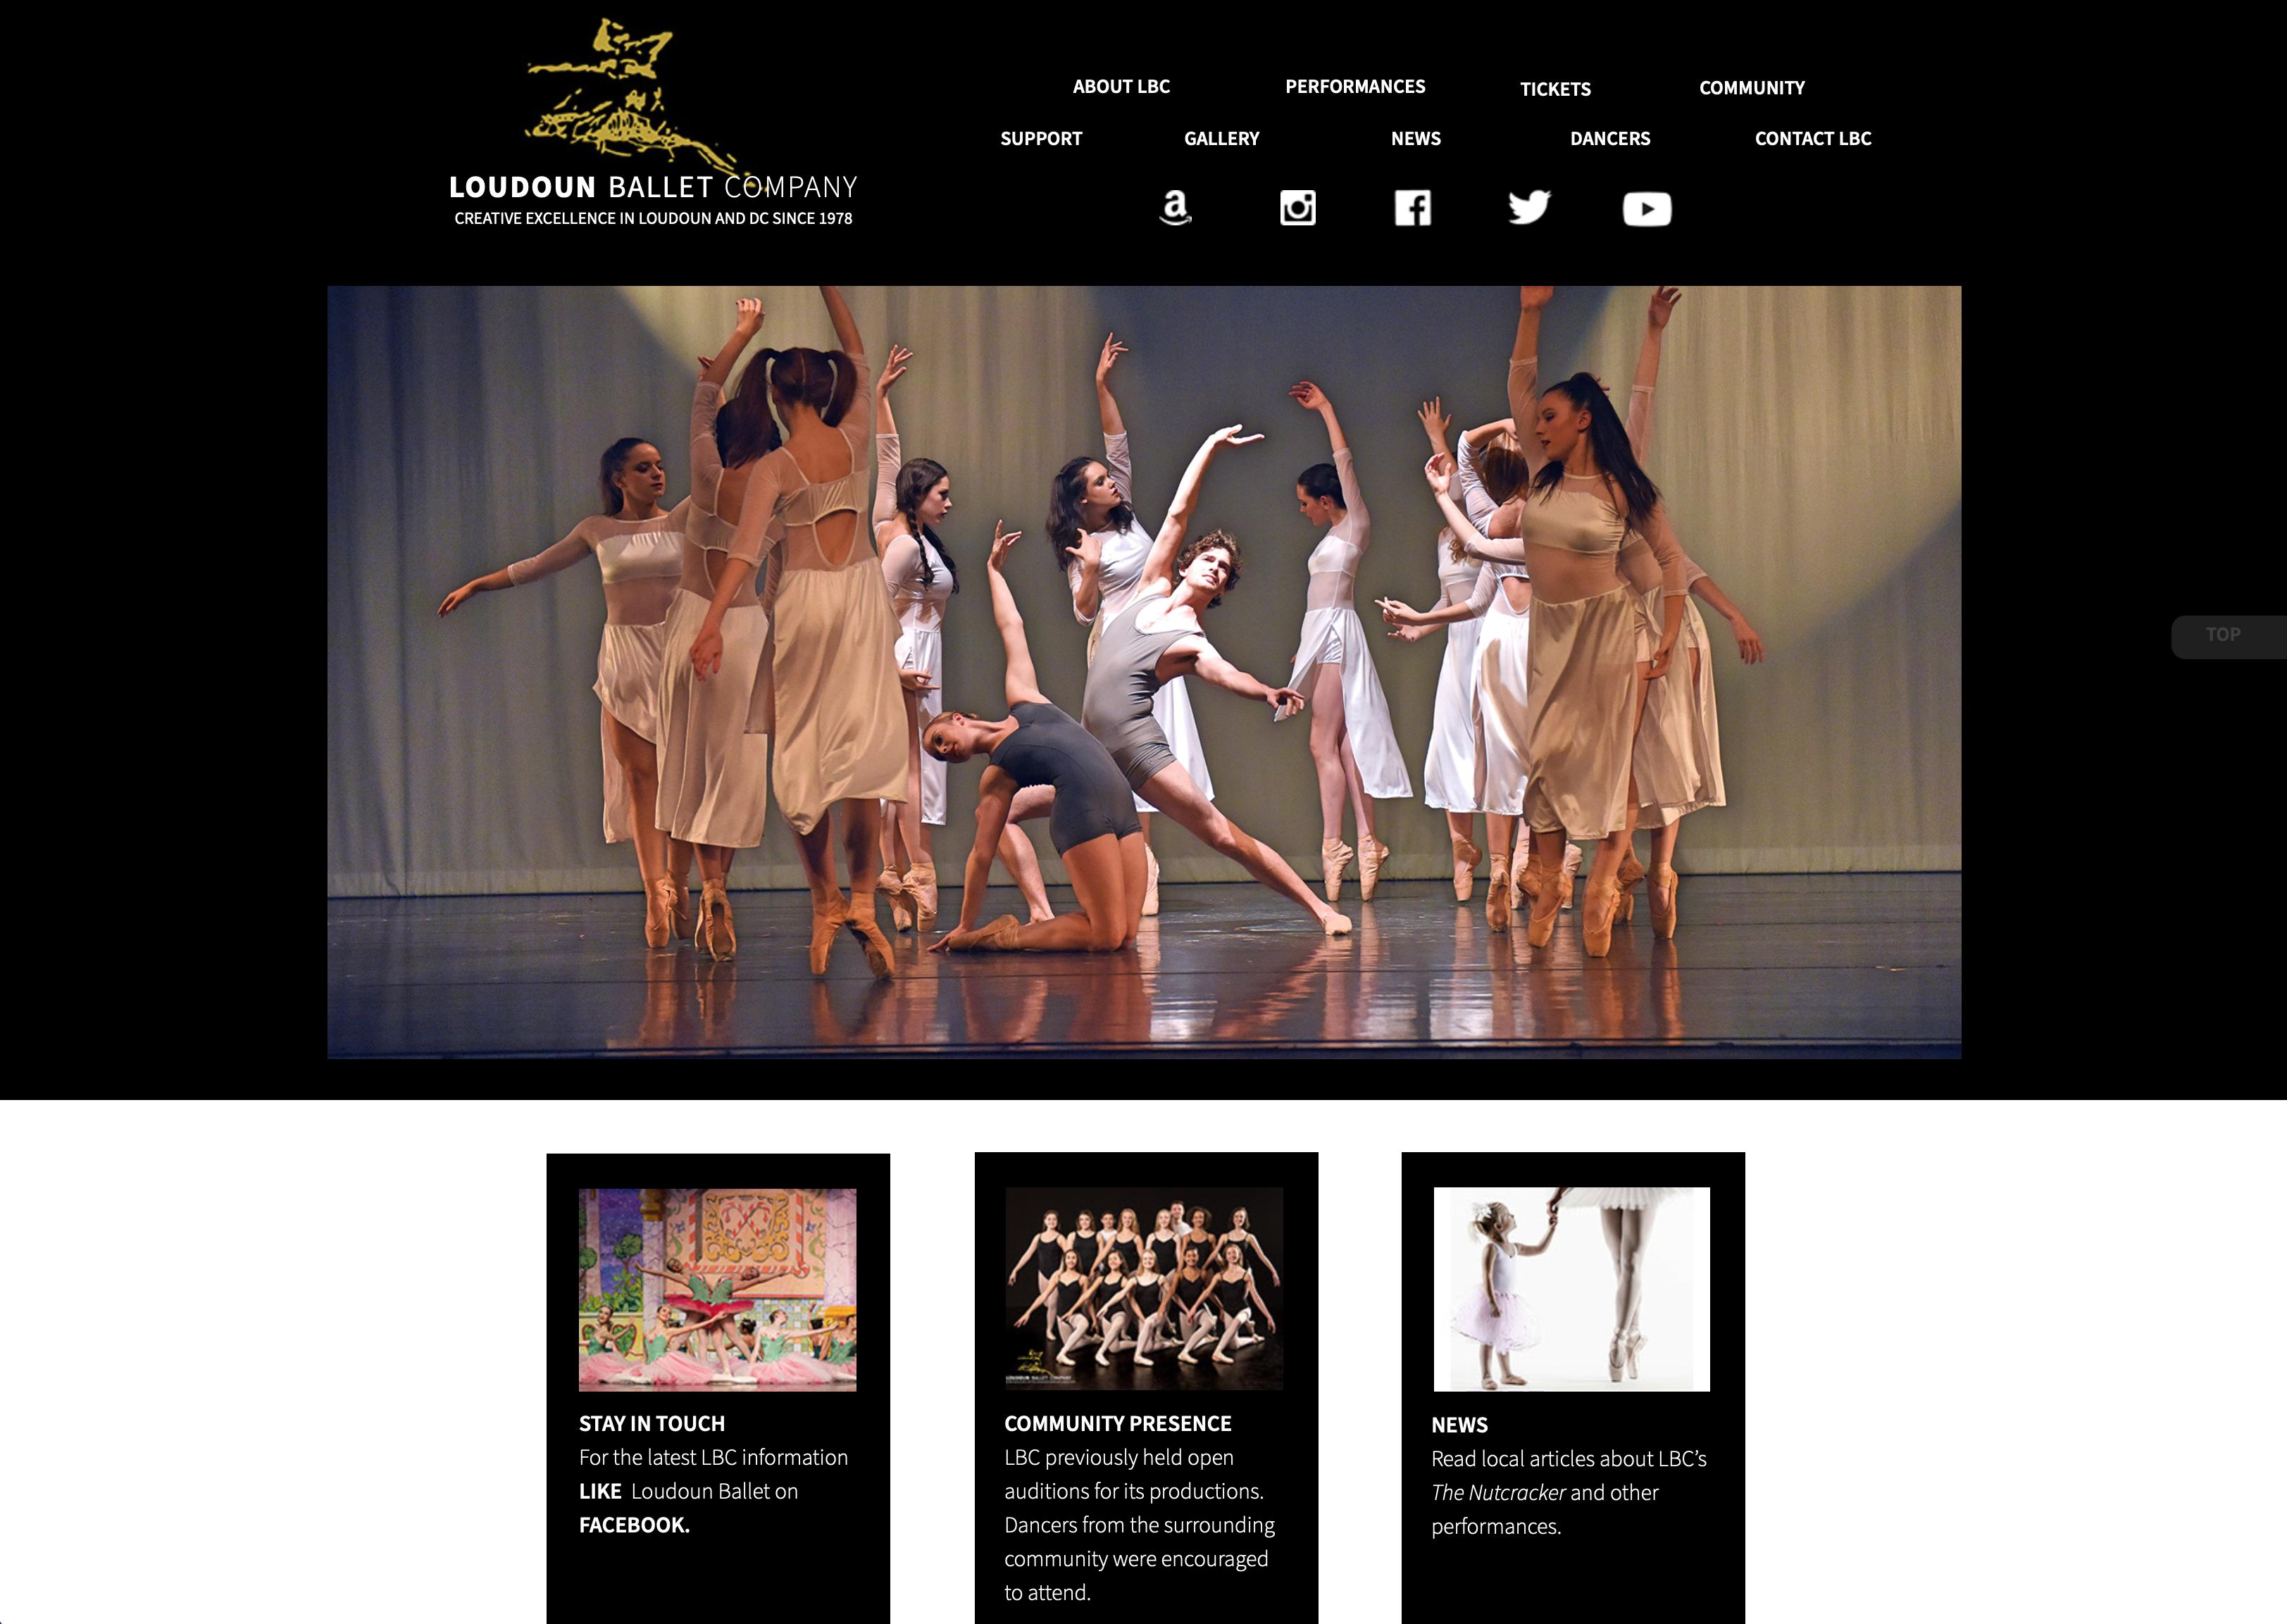 Loudoun Ballet Company Website